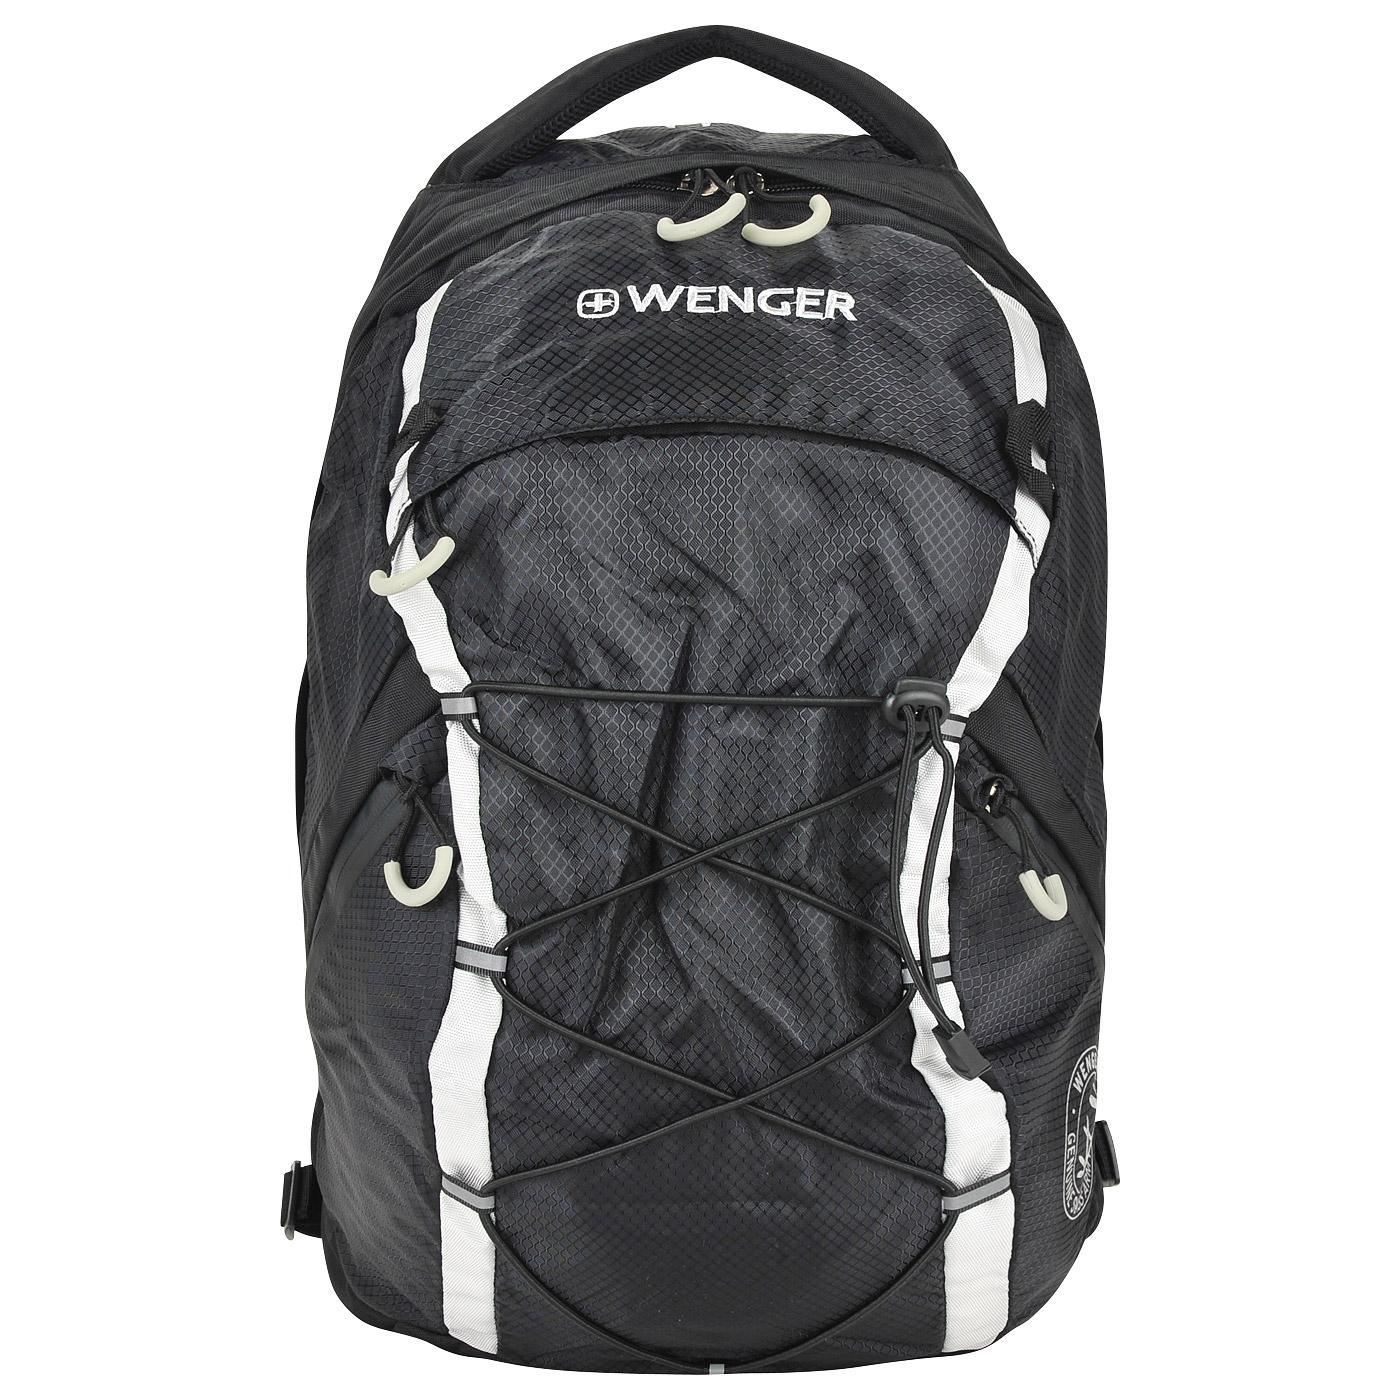 Тканевый рюкзак Wenger 30532499 - 2000557756656 черный полиэстер 29 ... 1bb646a5c6a